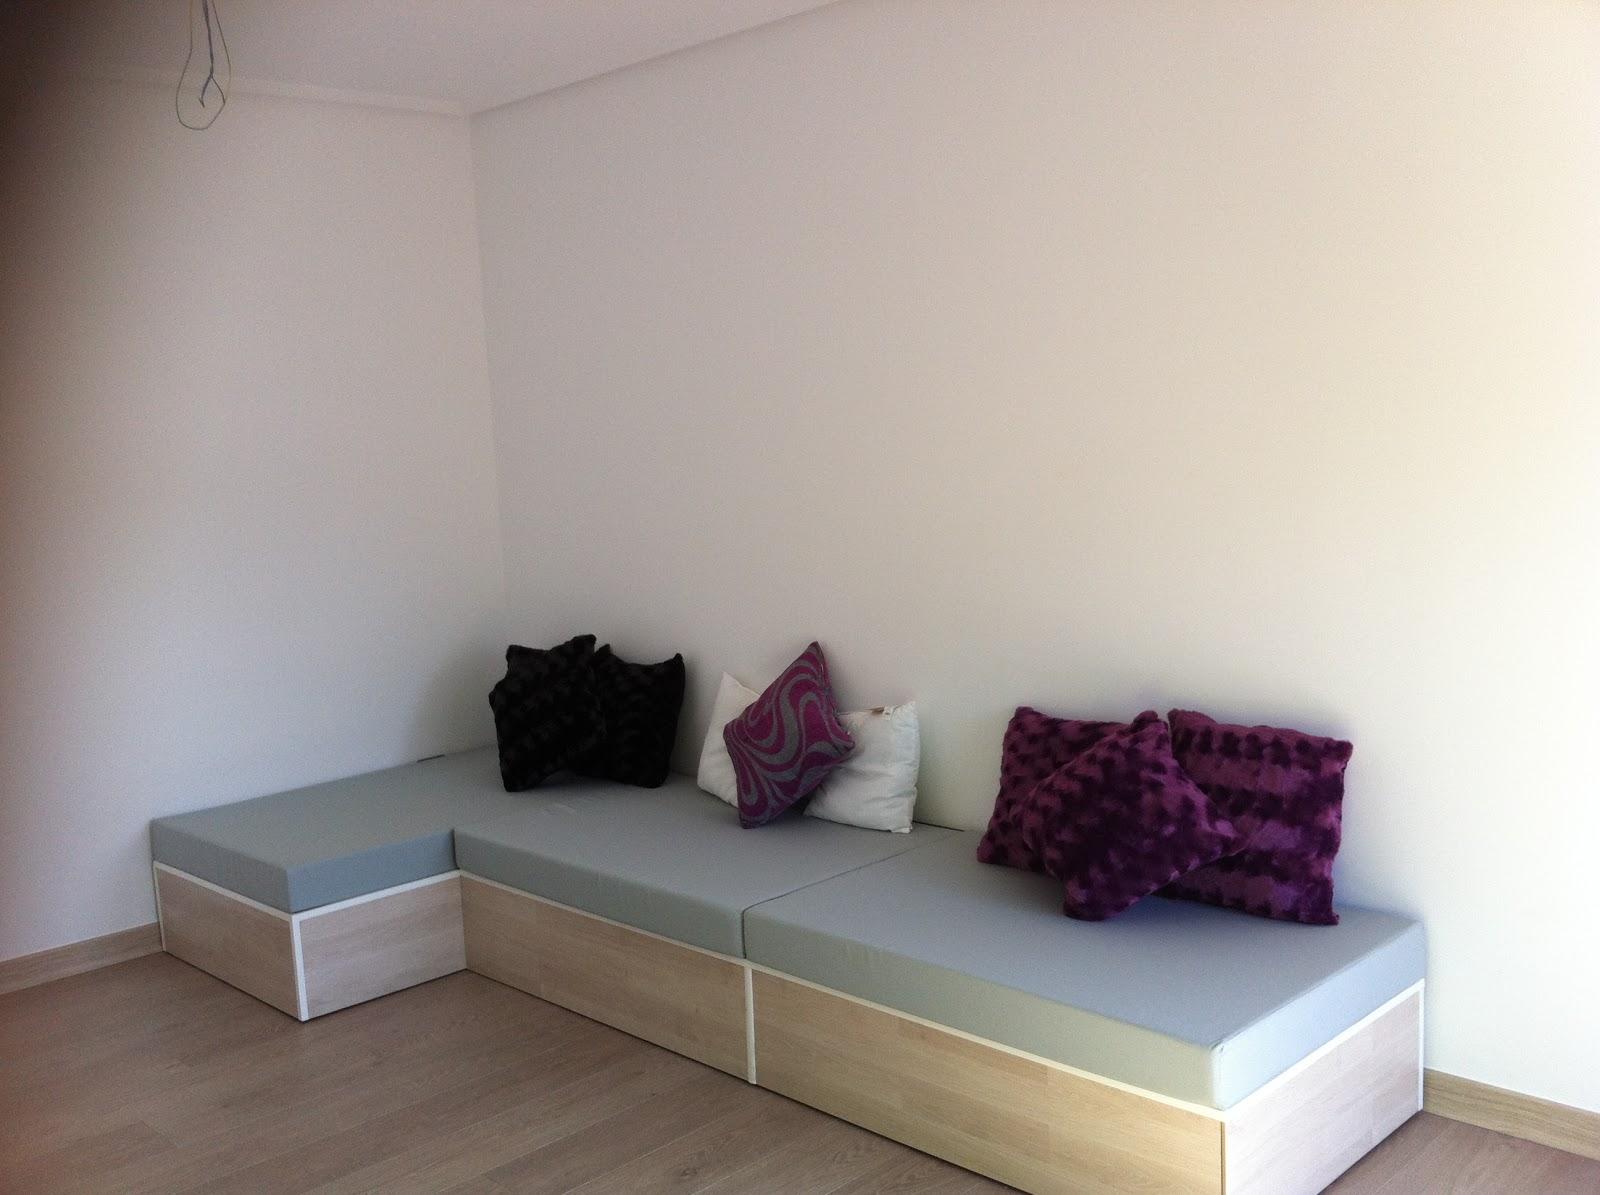 Las manualidades de t lna sofa de palet - Como hacer un sofa con palets ...